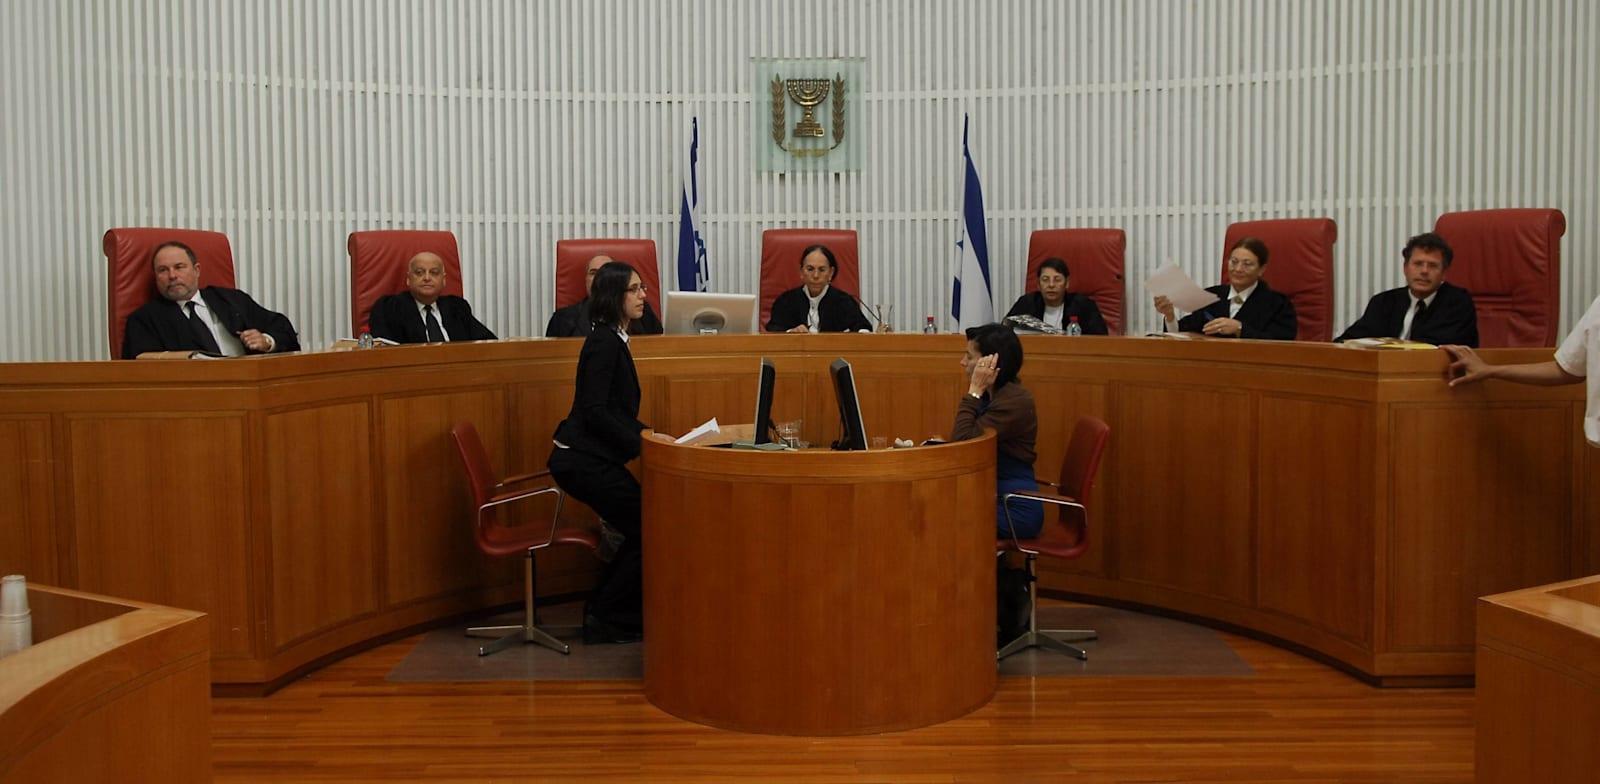 שופטי בית המשפט העליון / צילום: אוריה תדמור